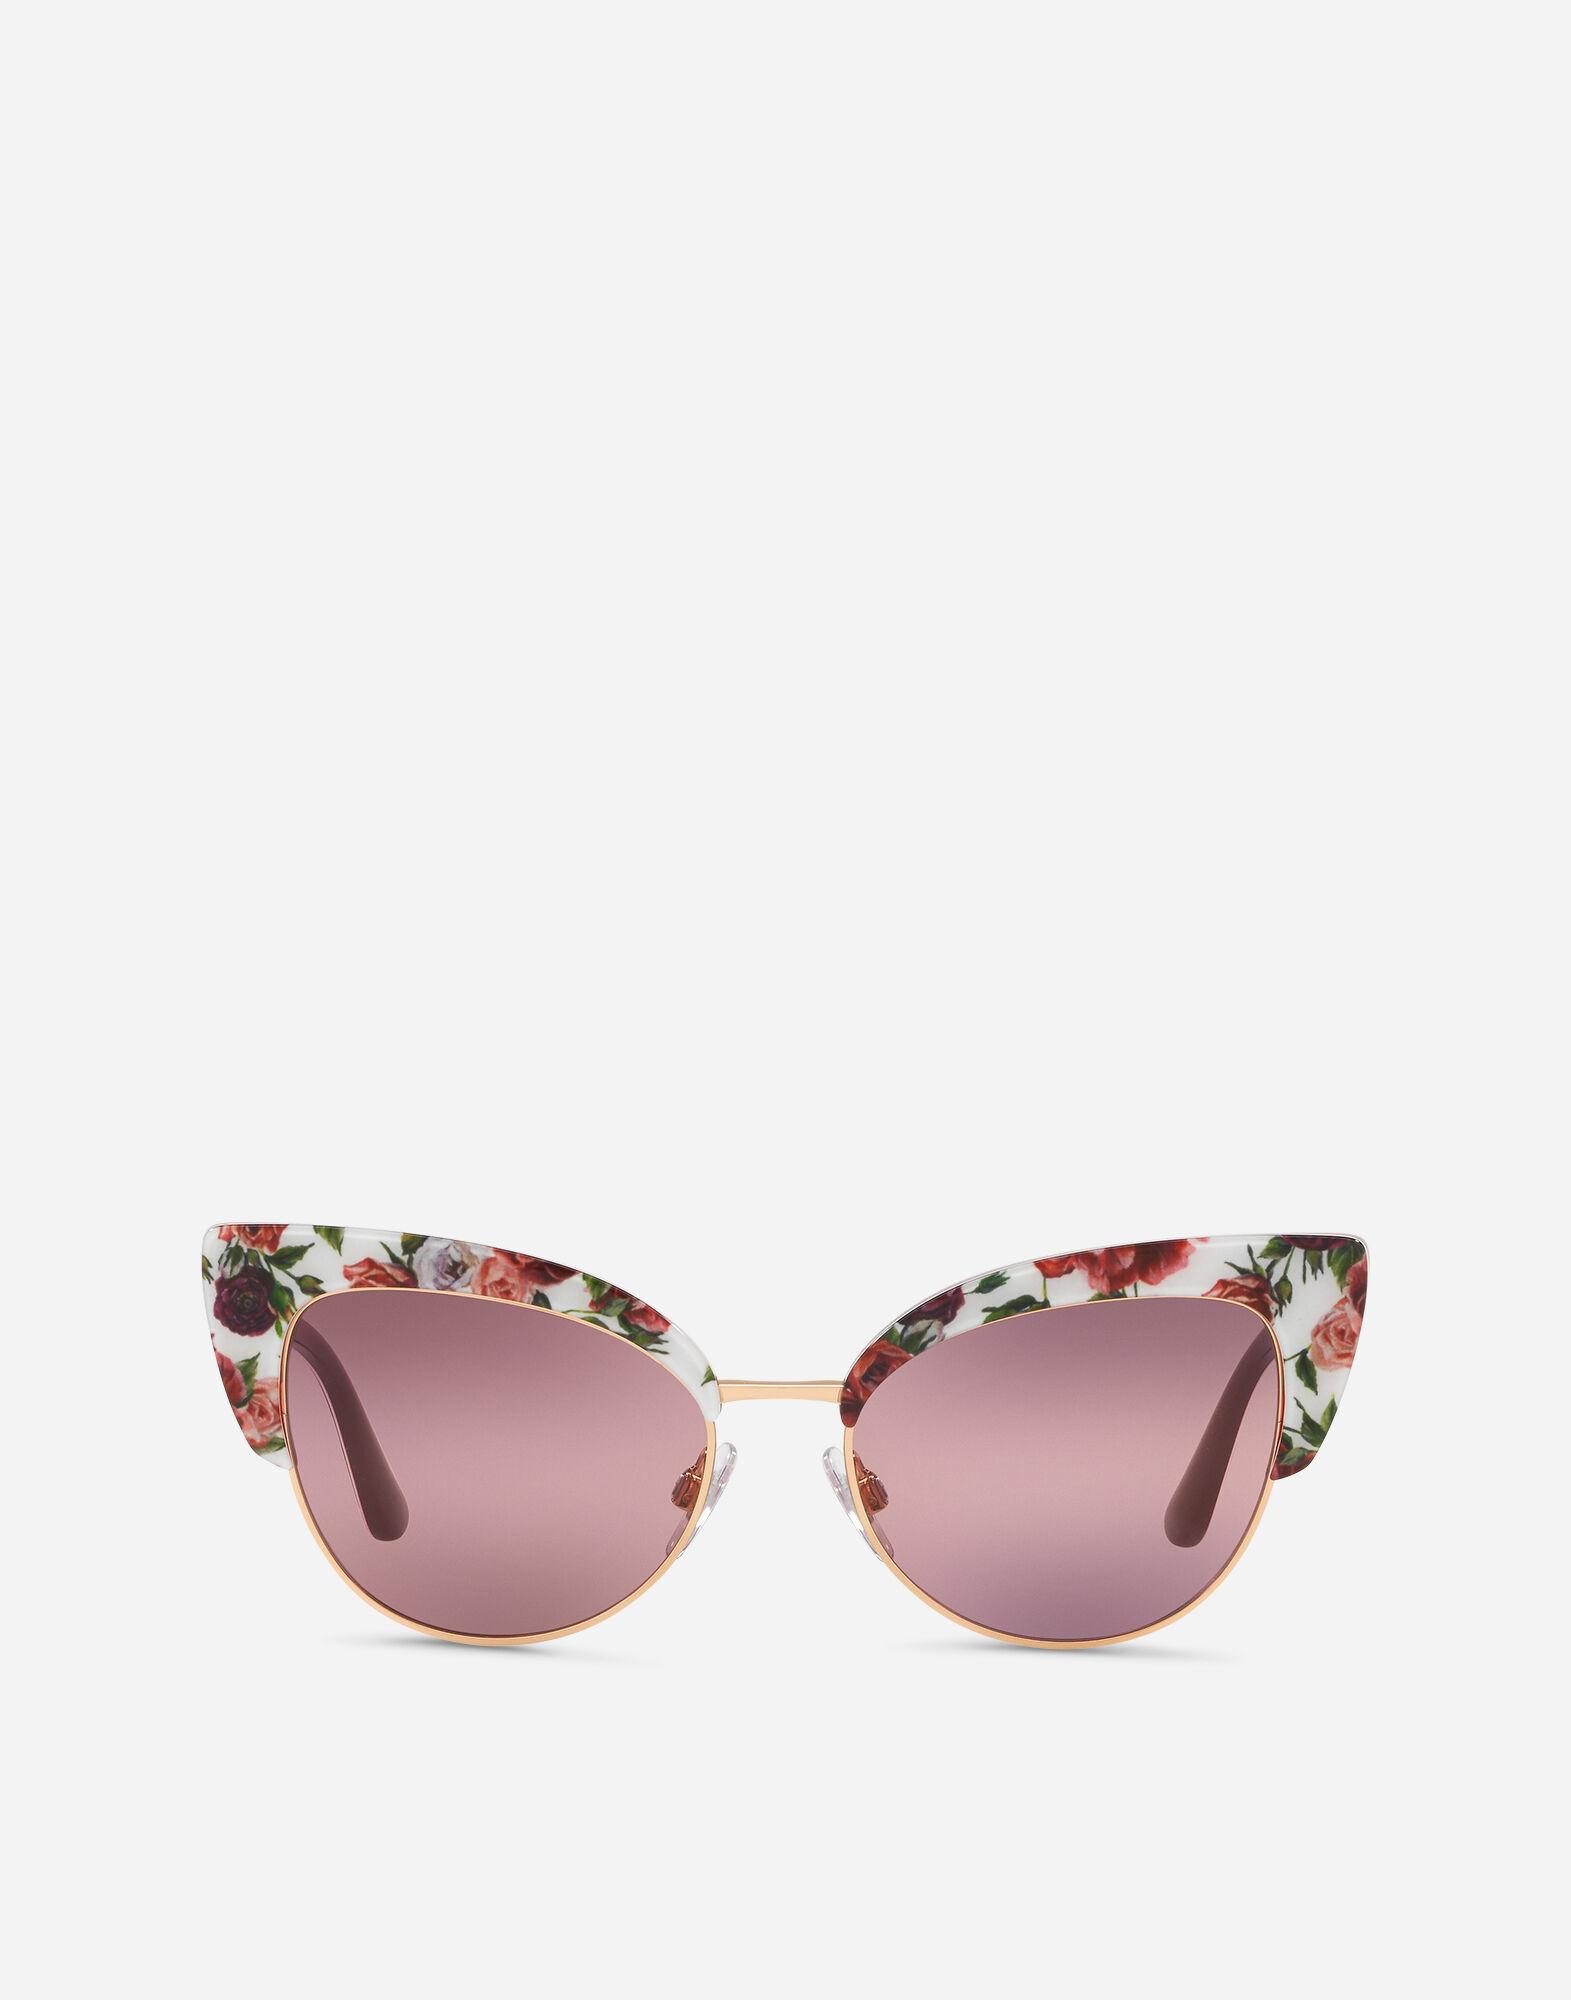 gabbana estampado de en sol Gafas de mujerOjo Dolce con acetato para floral gato 0CwFaqOx